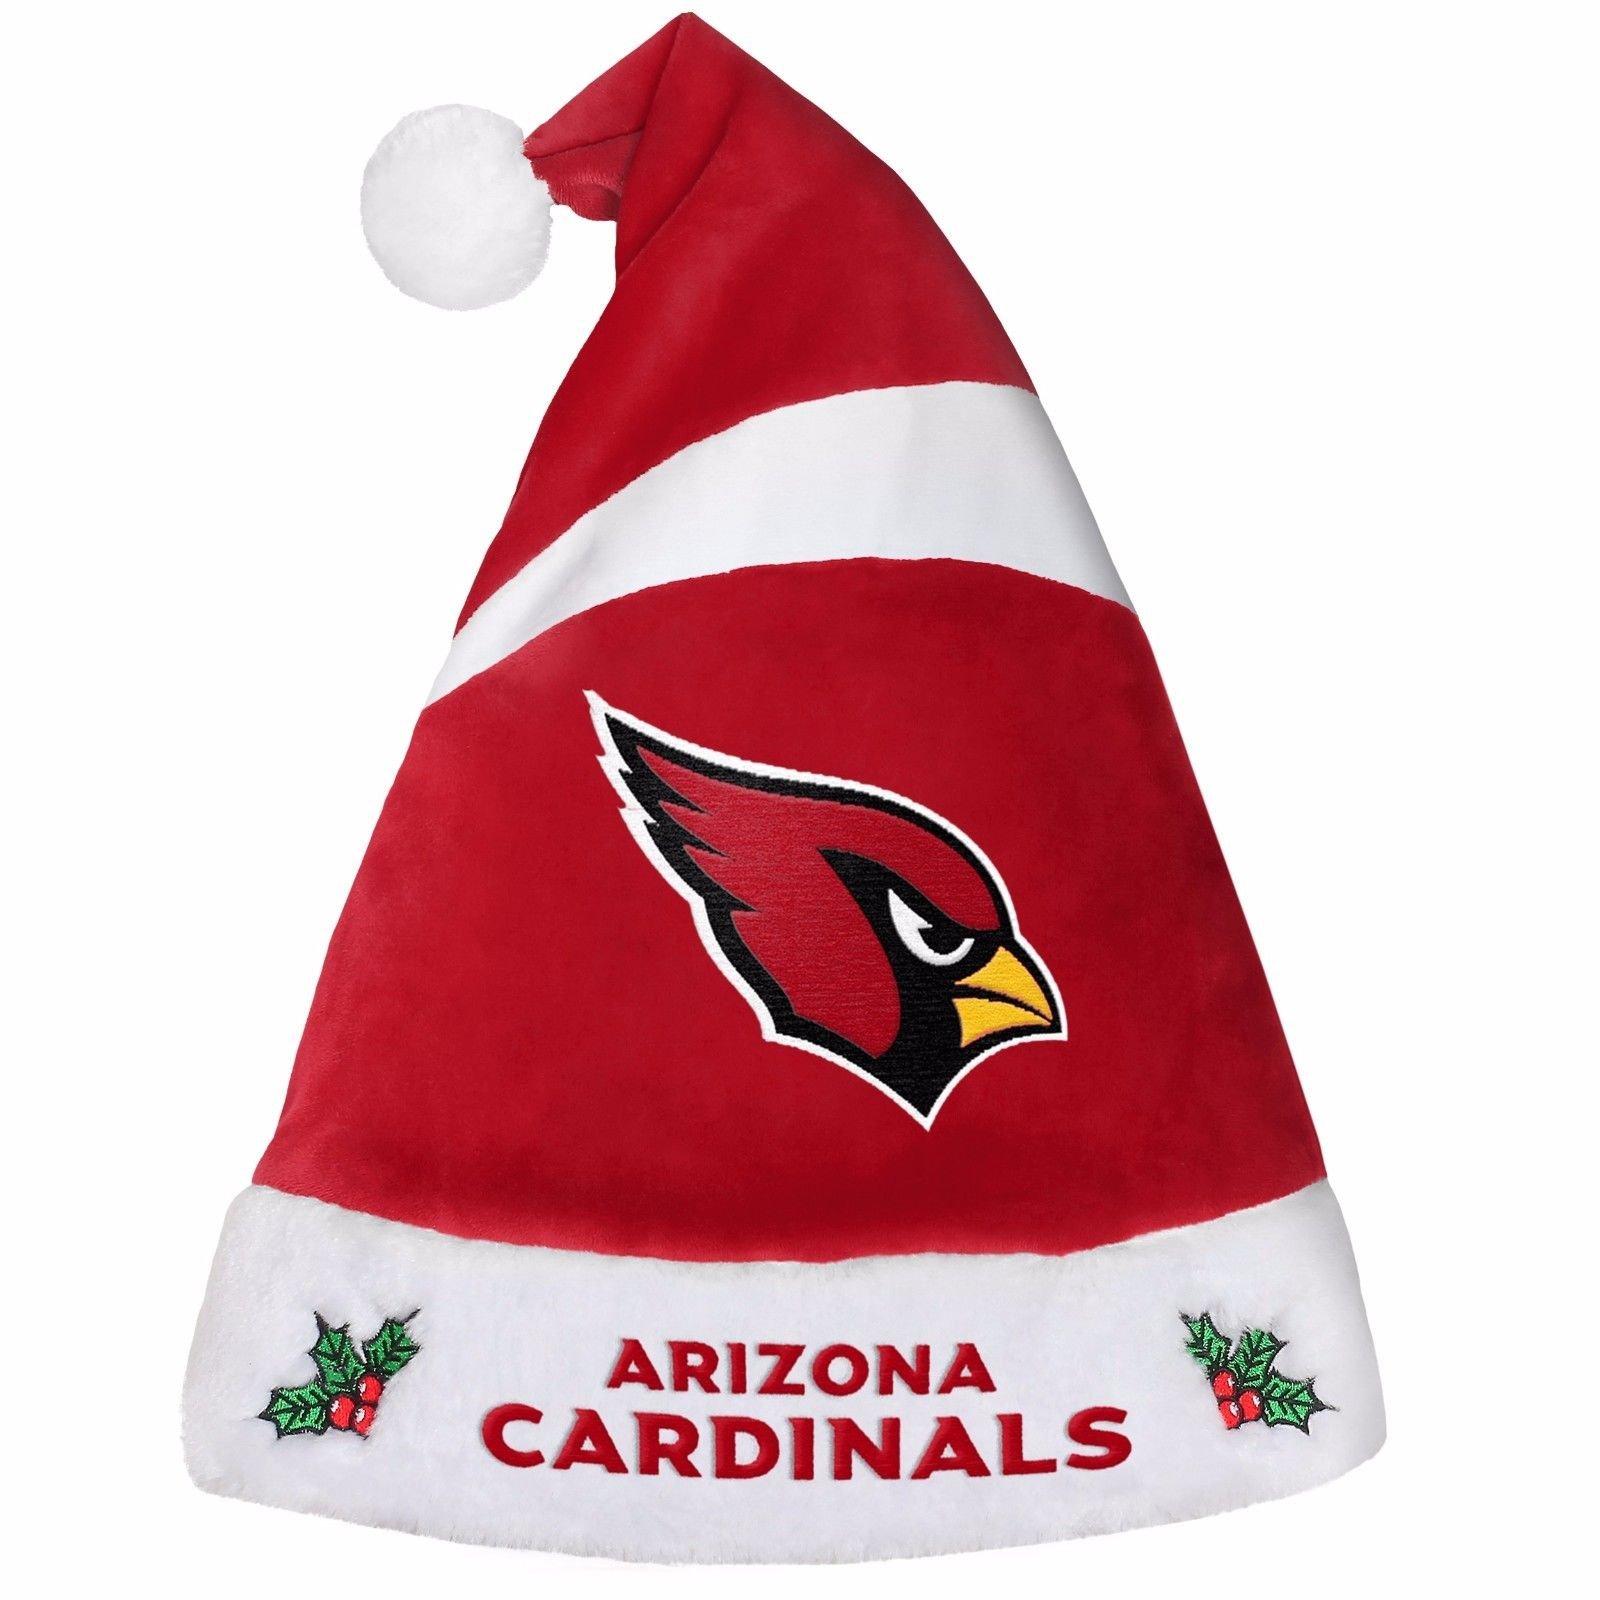 Arizona Cardinals Basic Santa Hat - 2016